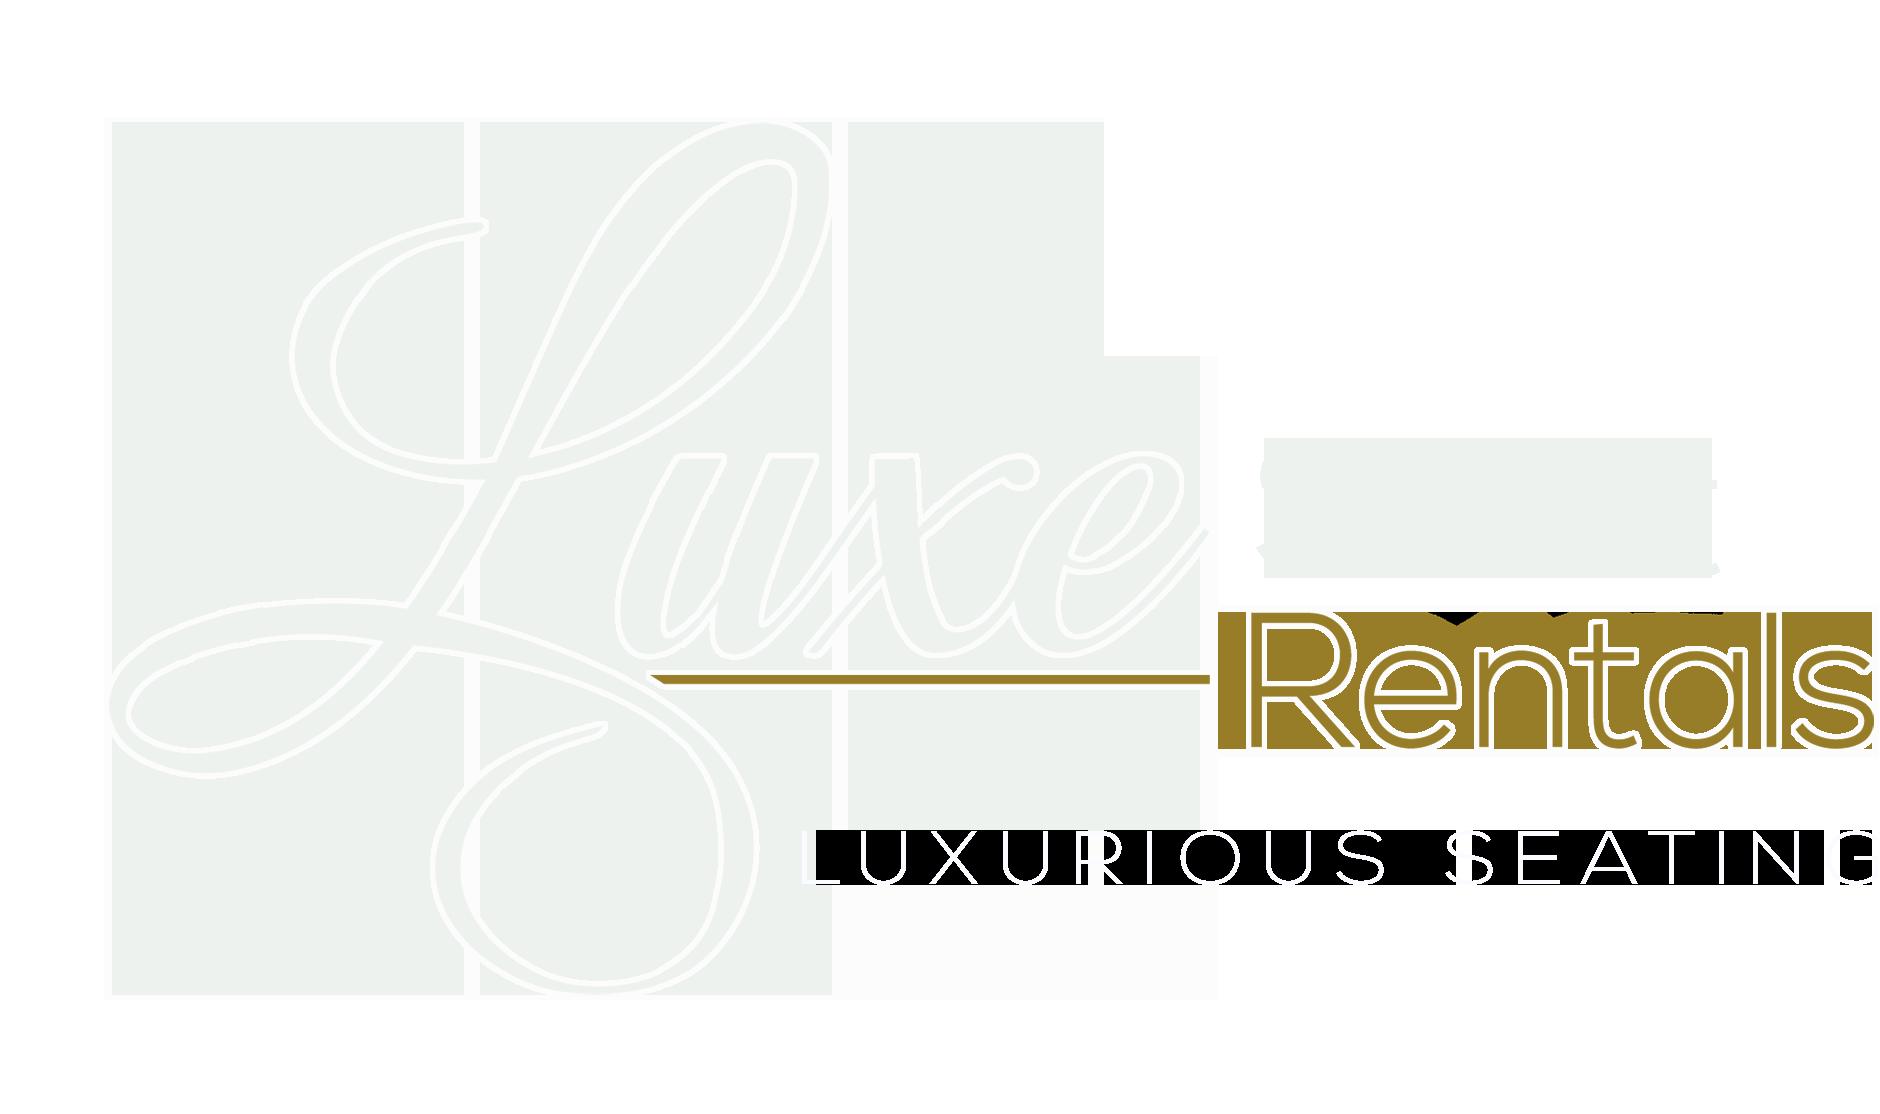 Luxe Seat Rentals